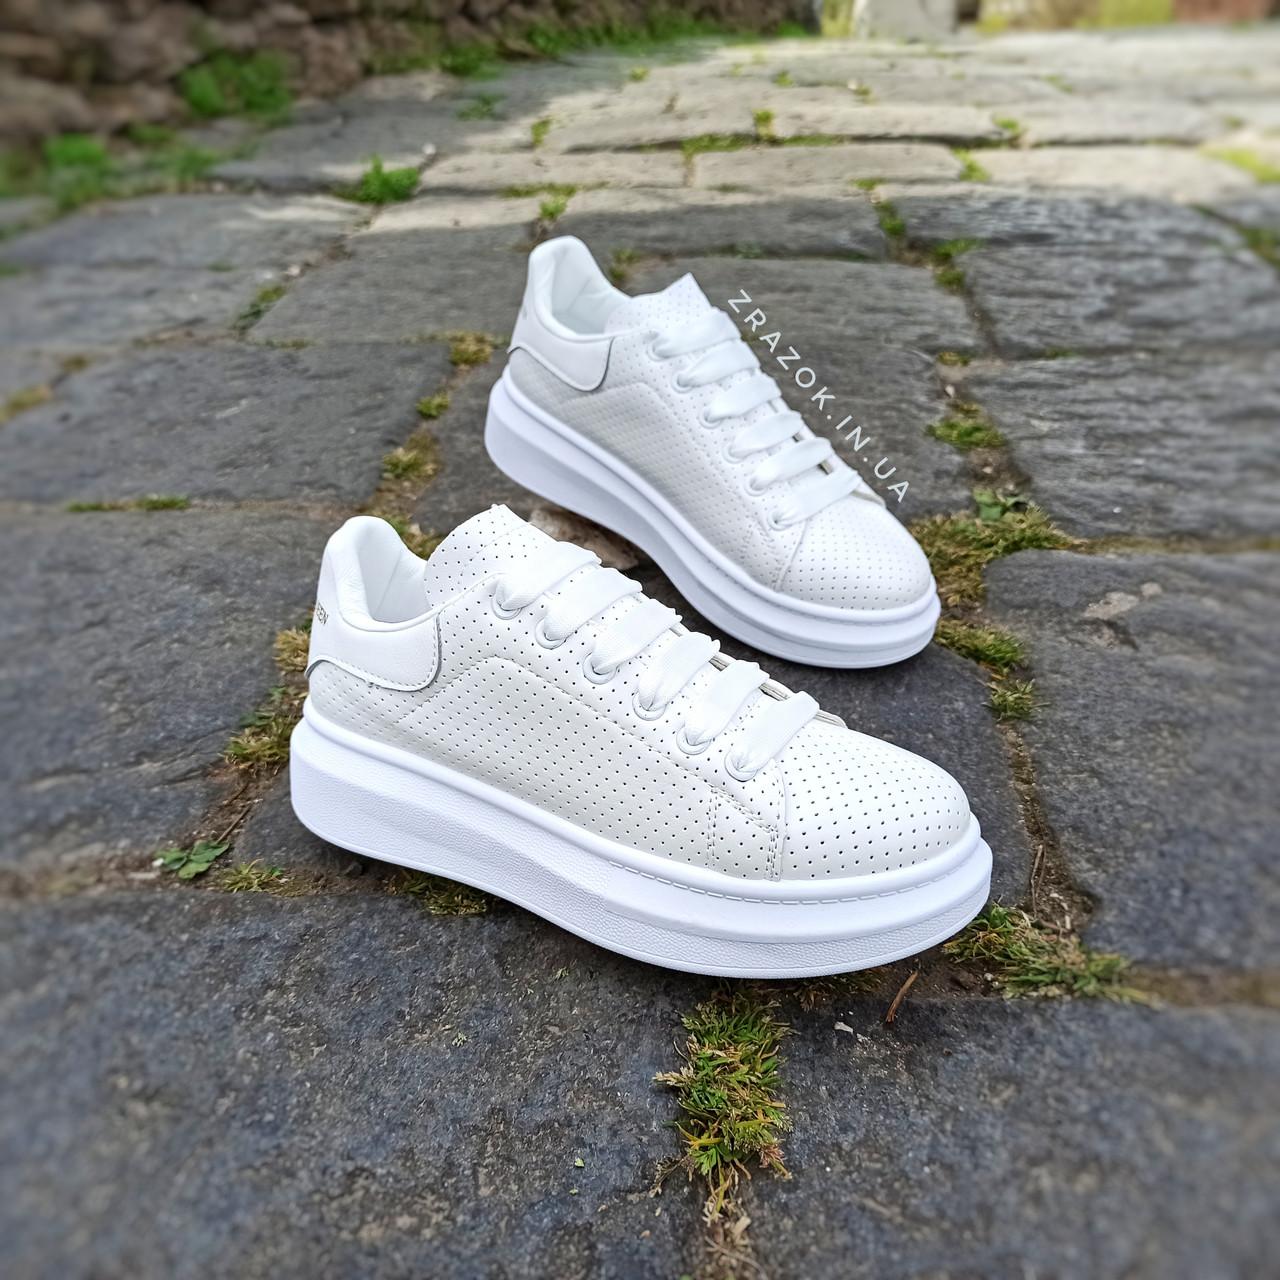 Кроссовки ALEXANDER MCQUEEN |копия| белые размеры 36-41 на толстой подошве высокие эко кожаные перфорация